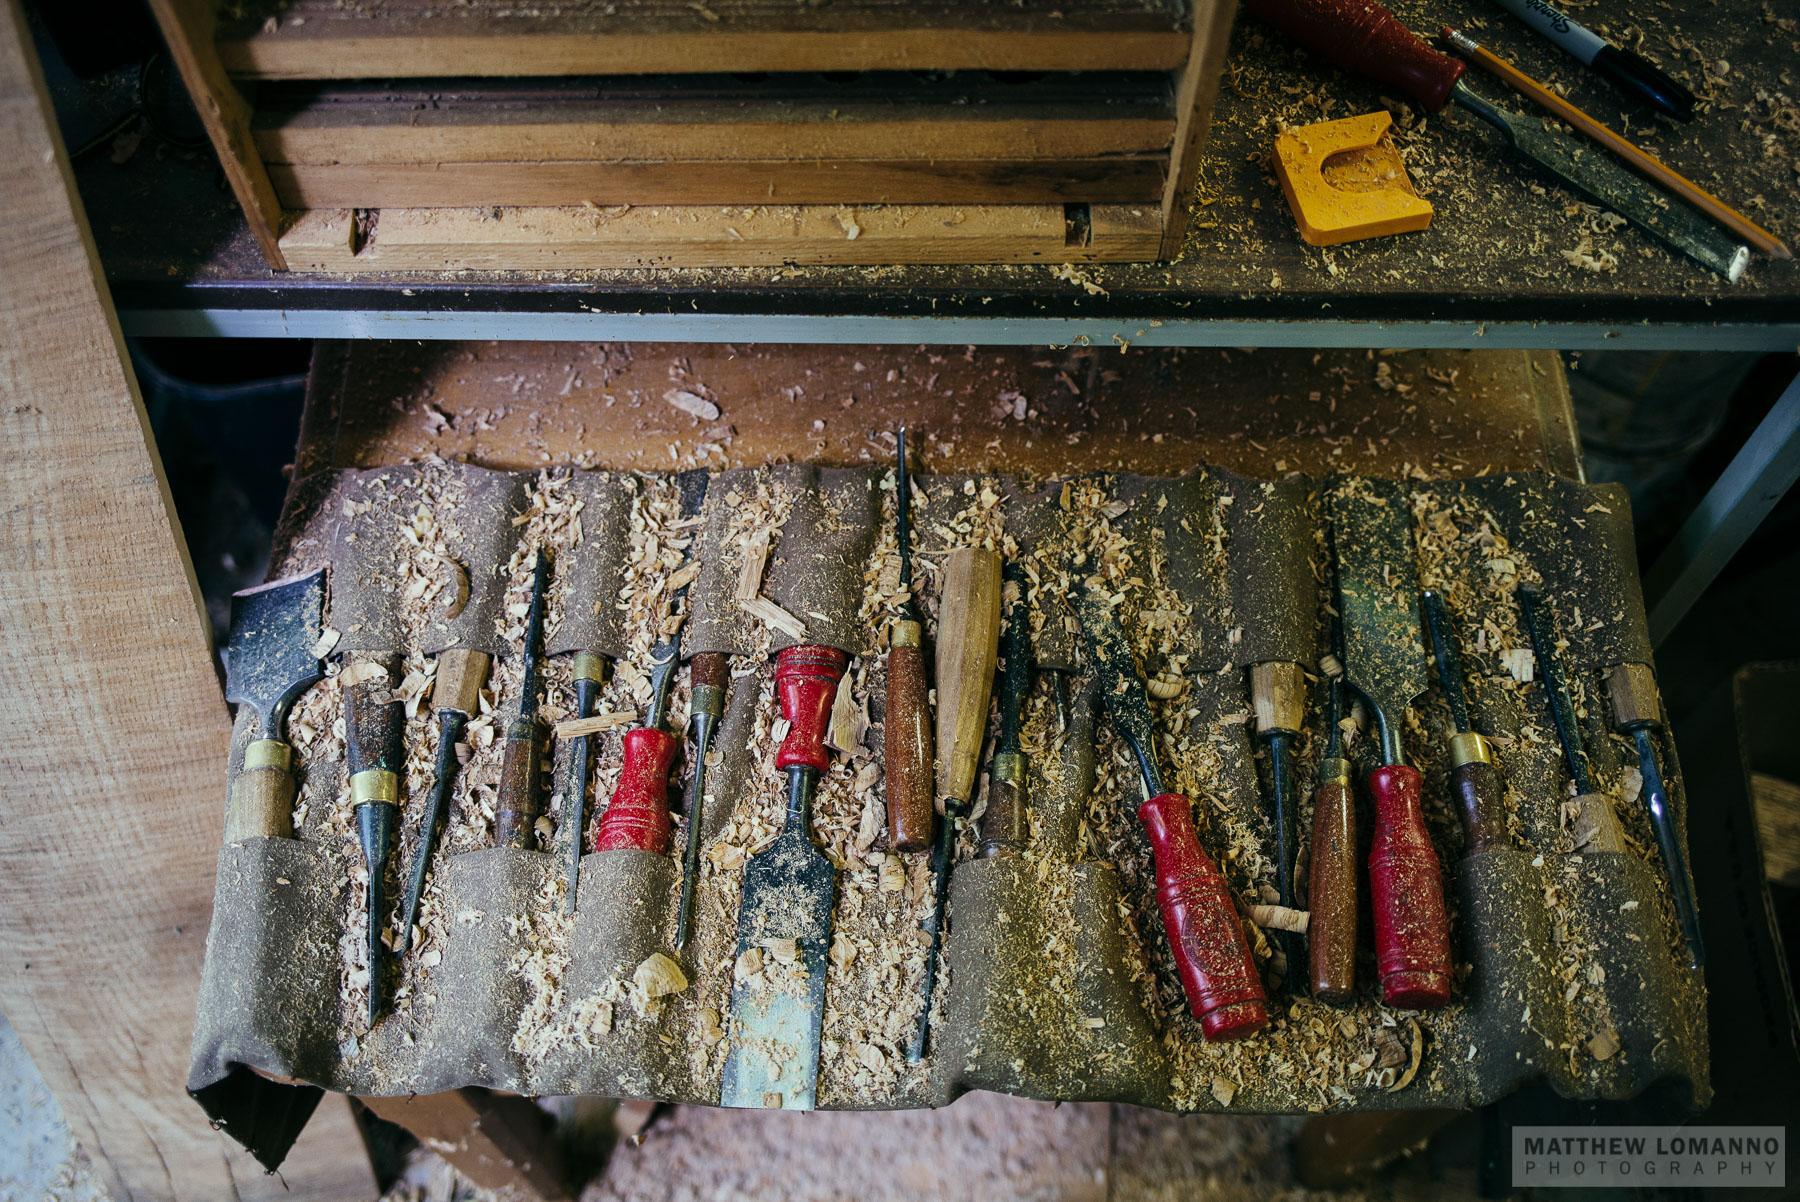 Anthony's tools